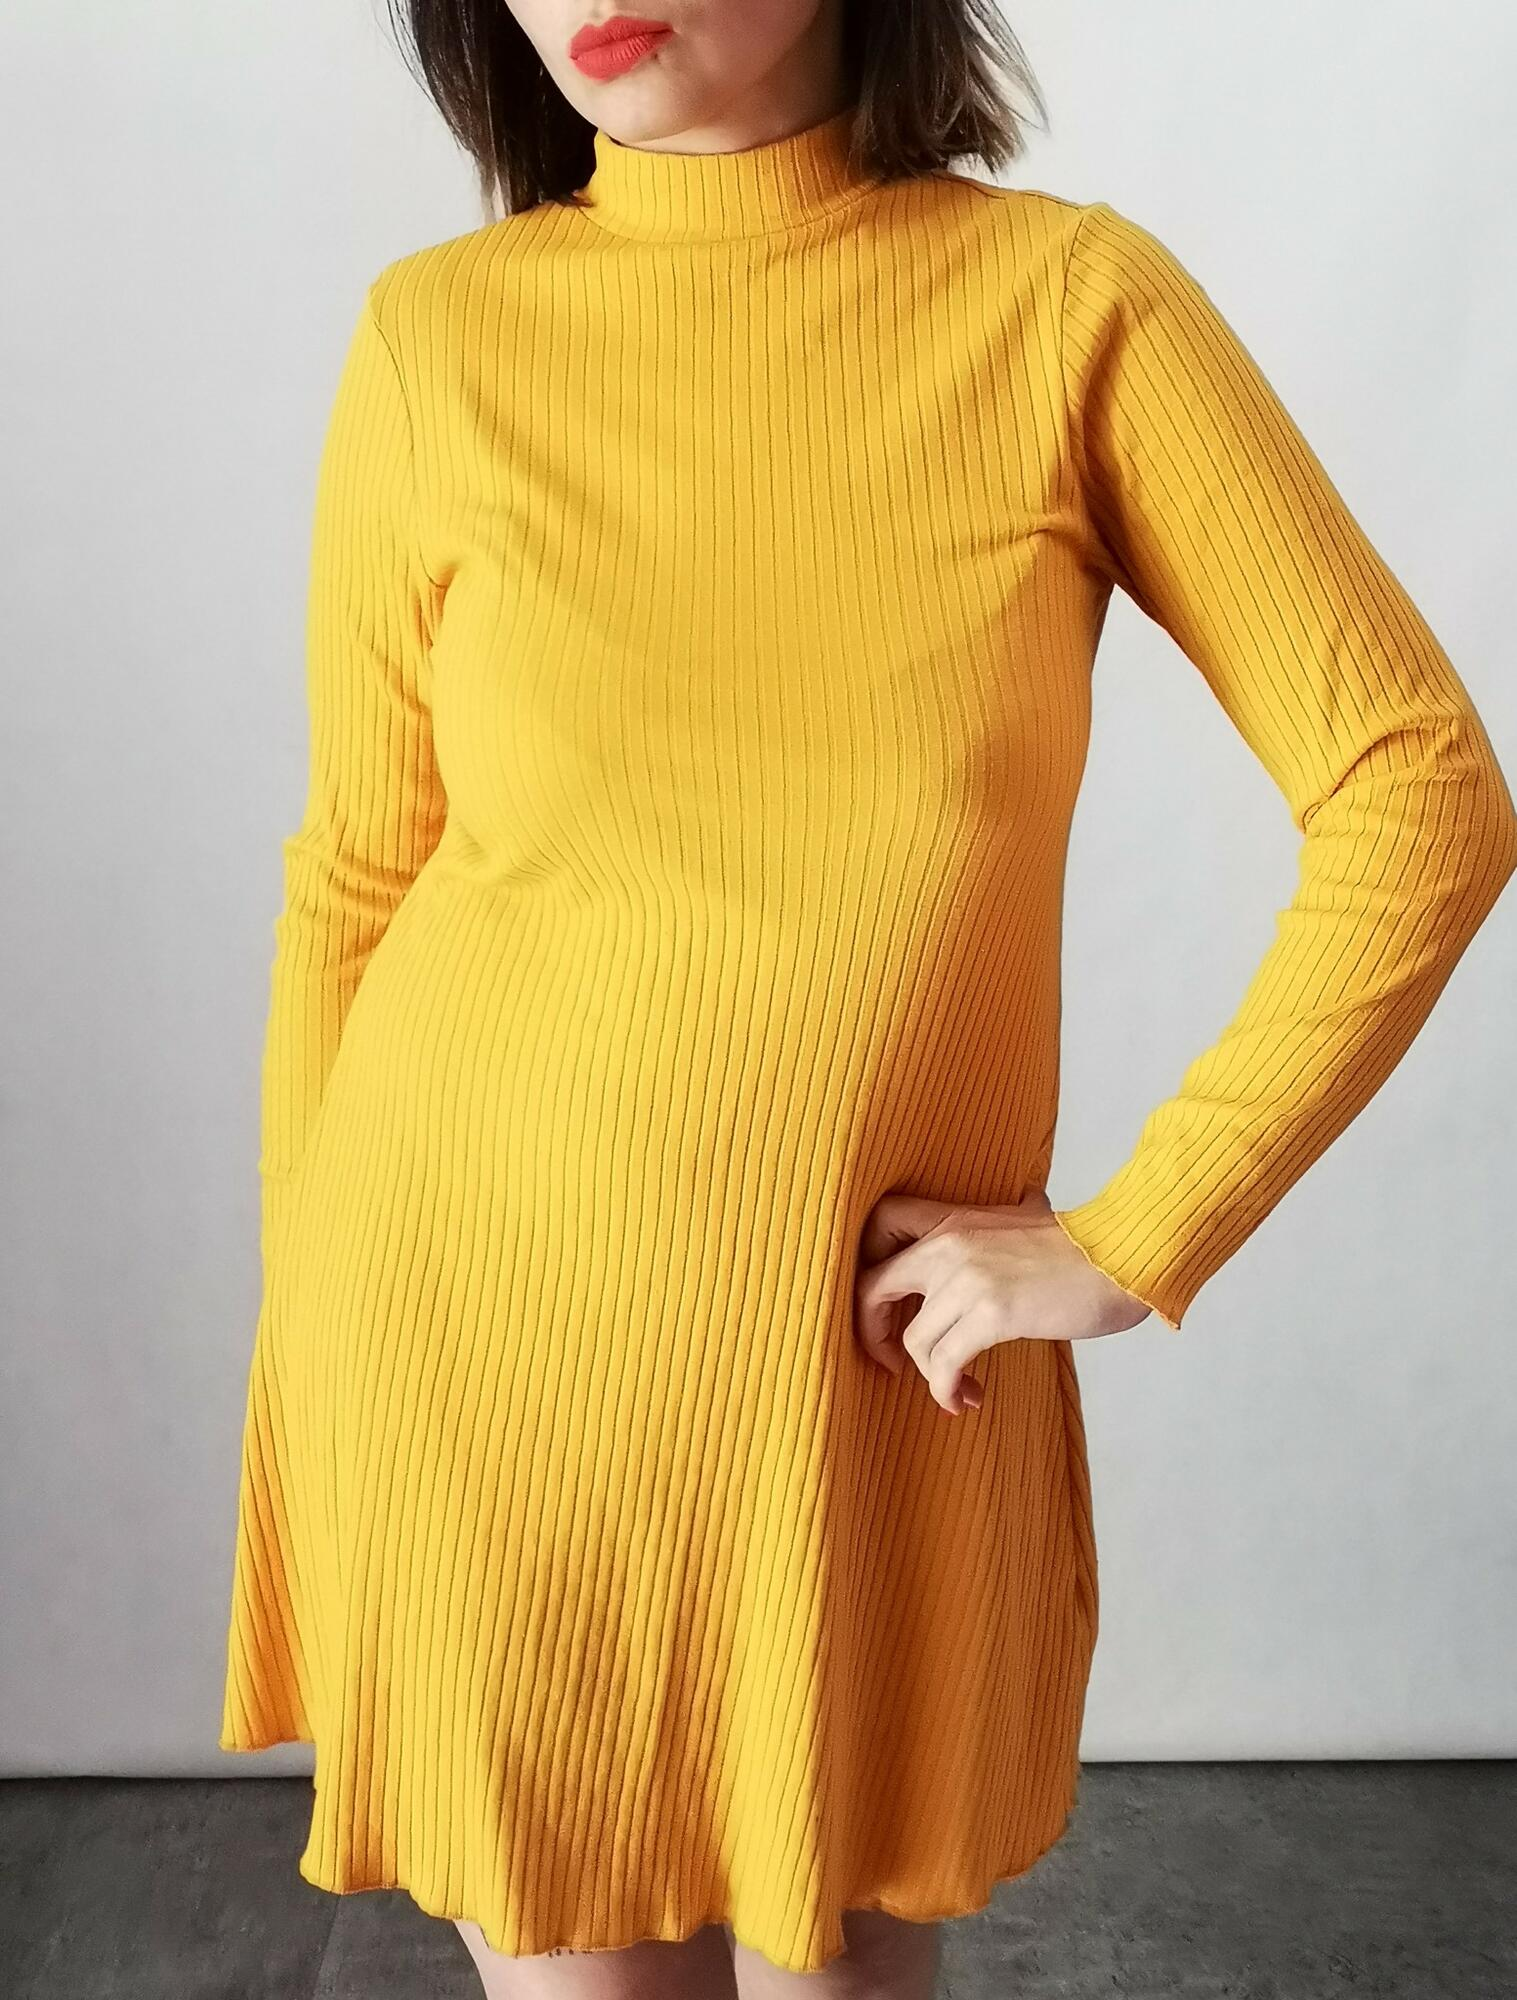 Żółta sukienka nowa - Nie byle | JestemSlow.pl